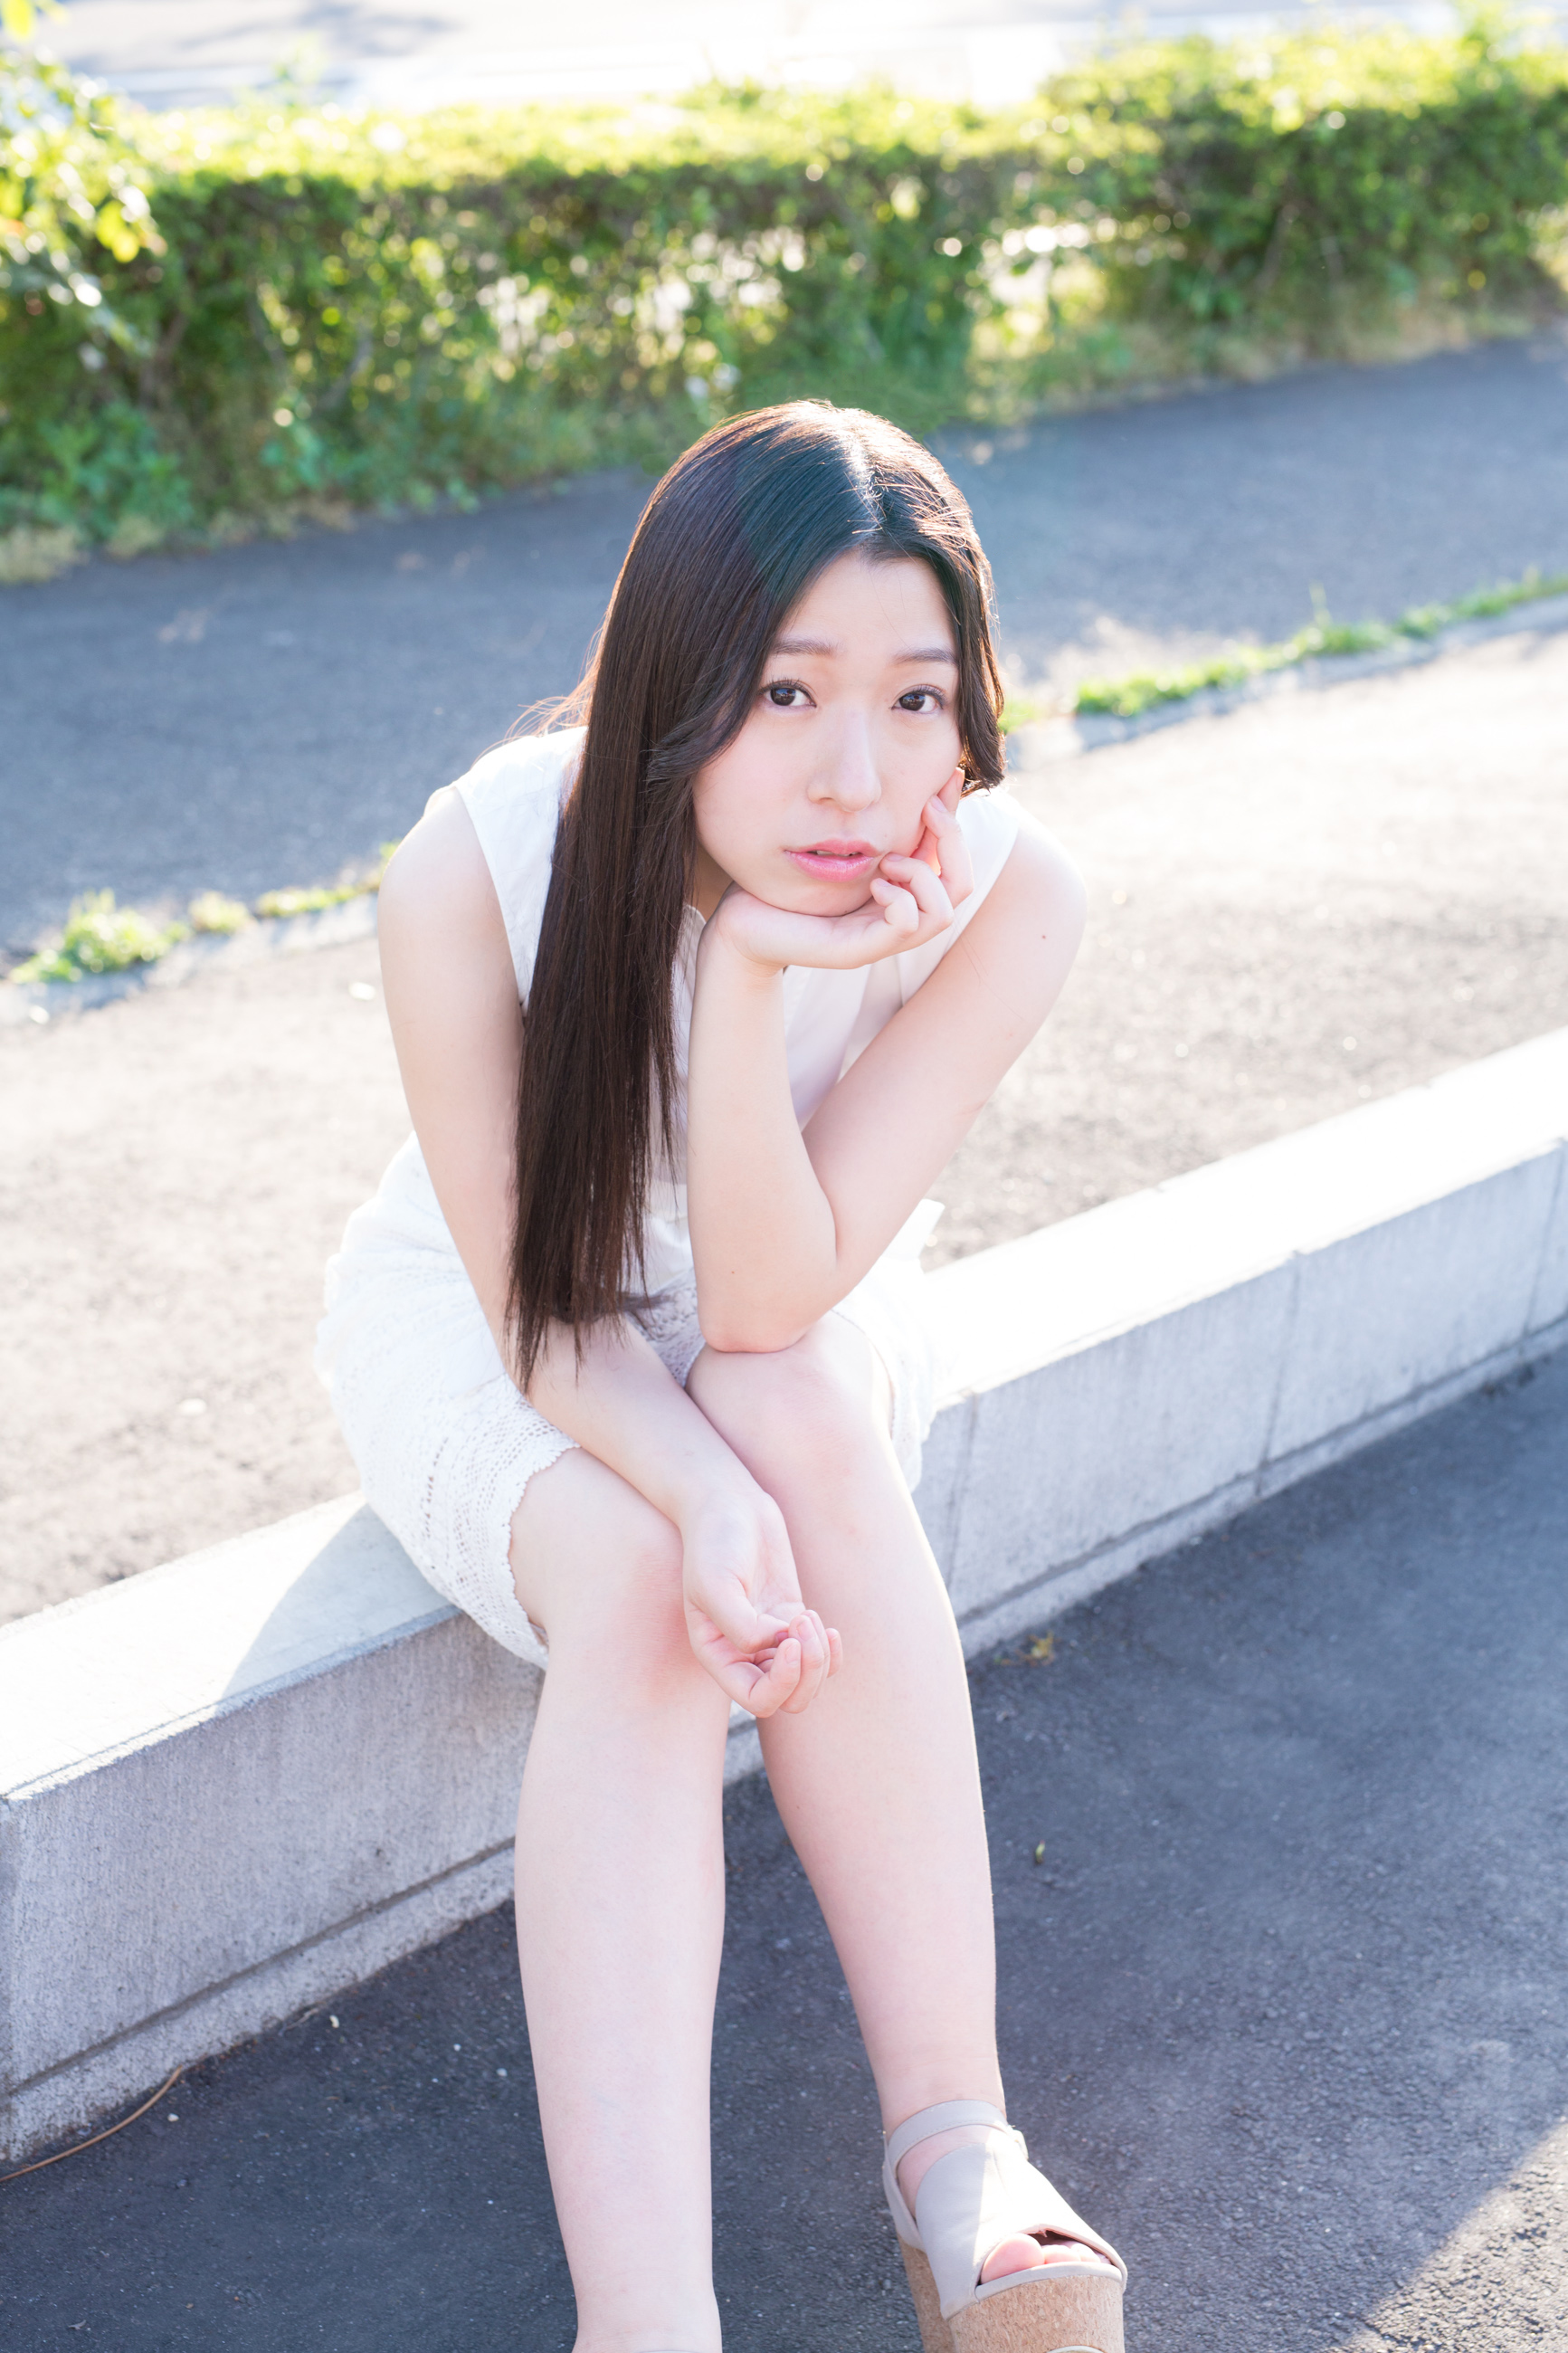 20160806_oguroyuzuki2_offshot_toukou